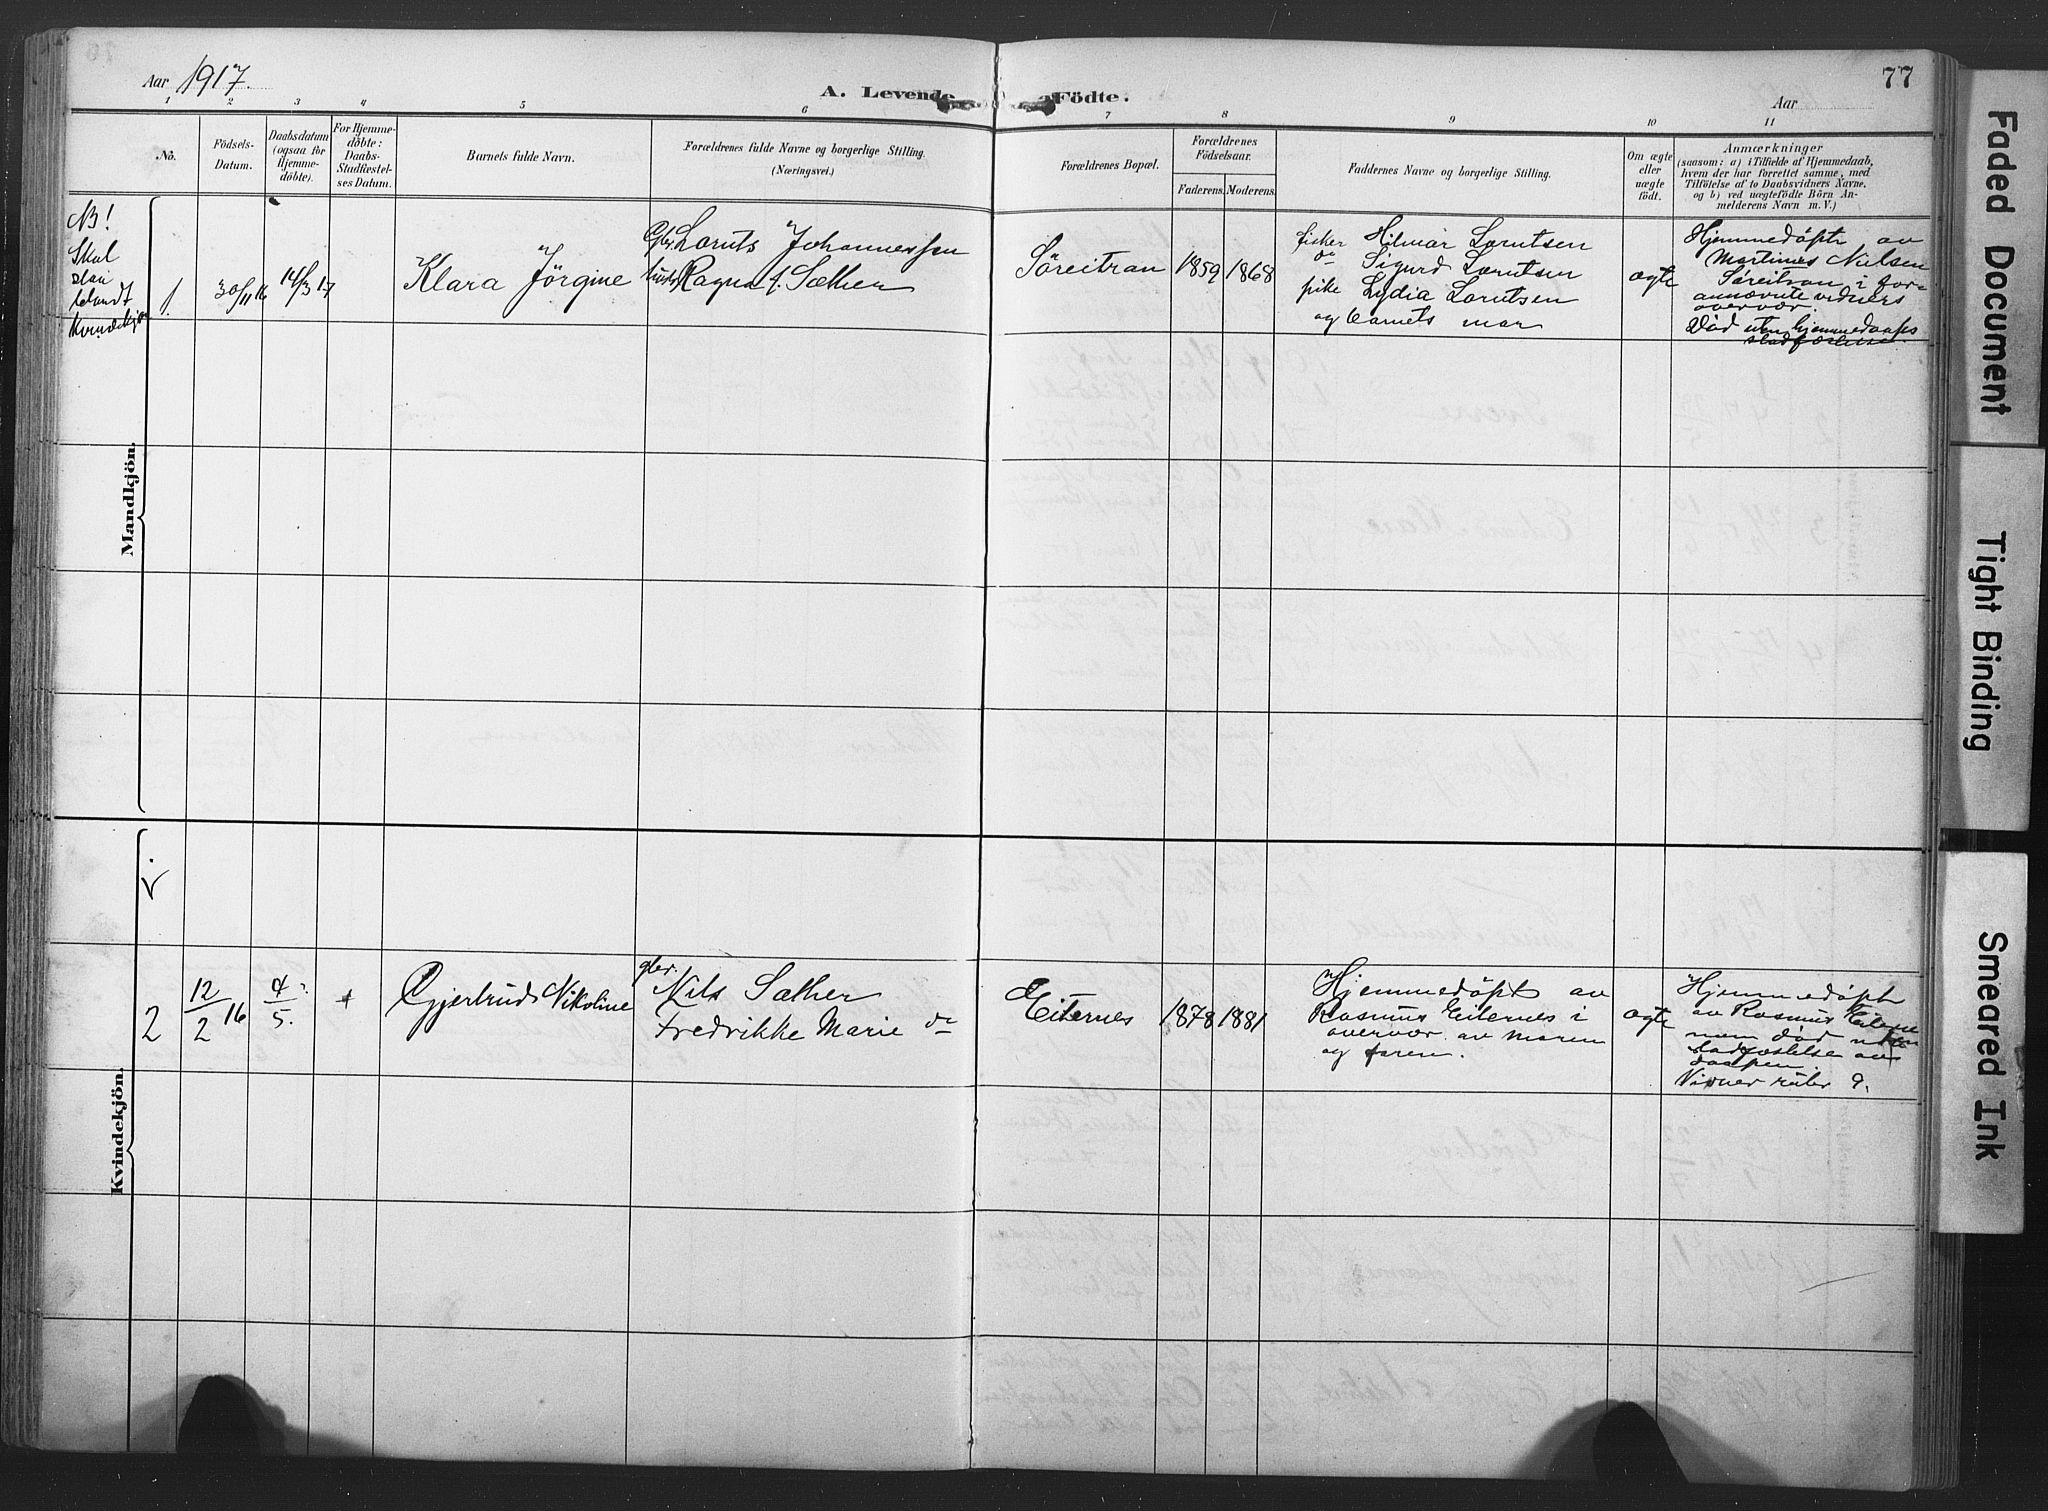 SAT, Ministerialprotokoller, klokkerbøker og fødselsregistre - Nord-Trøndelag, 789/L0706: Klokkerbok nr. 789C01, 1888-1931, s. 77